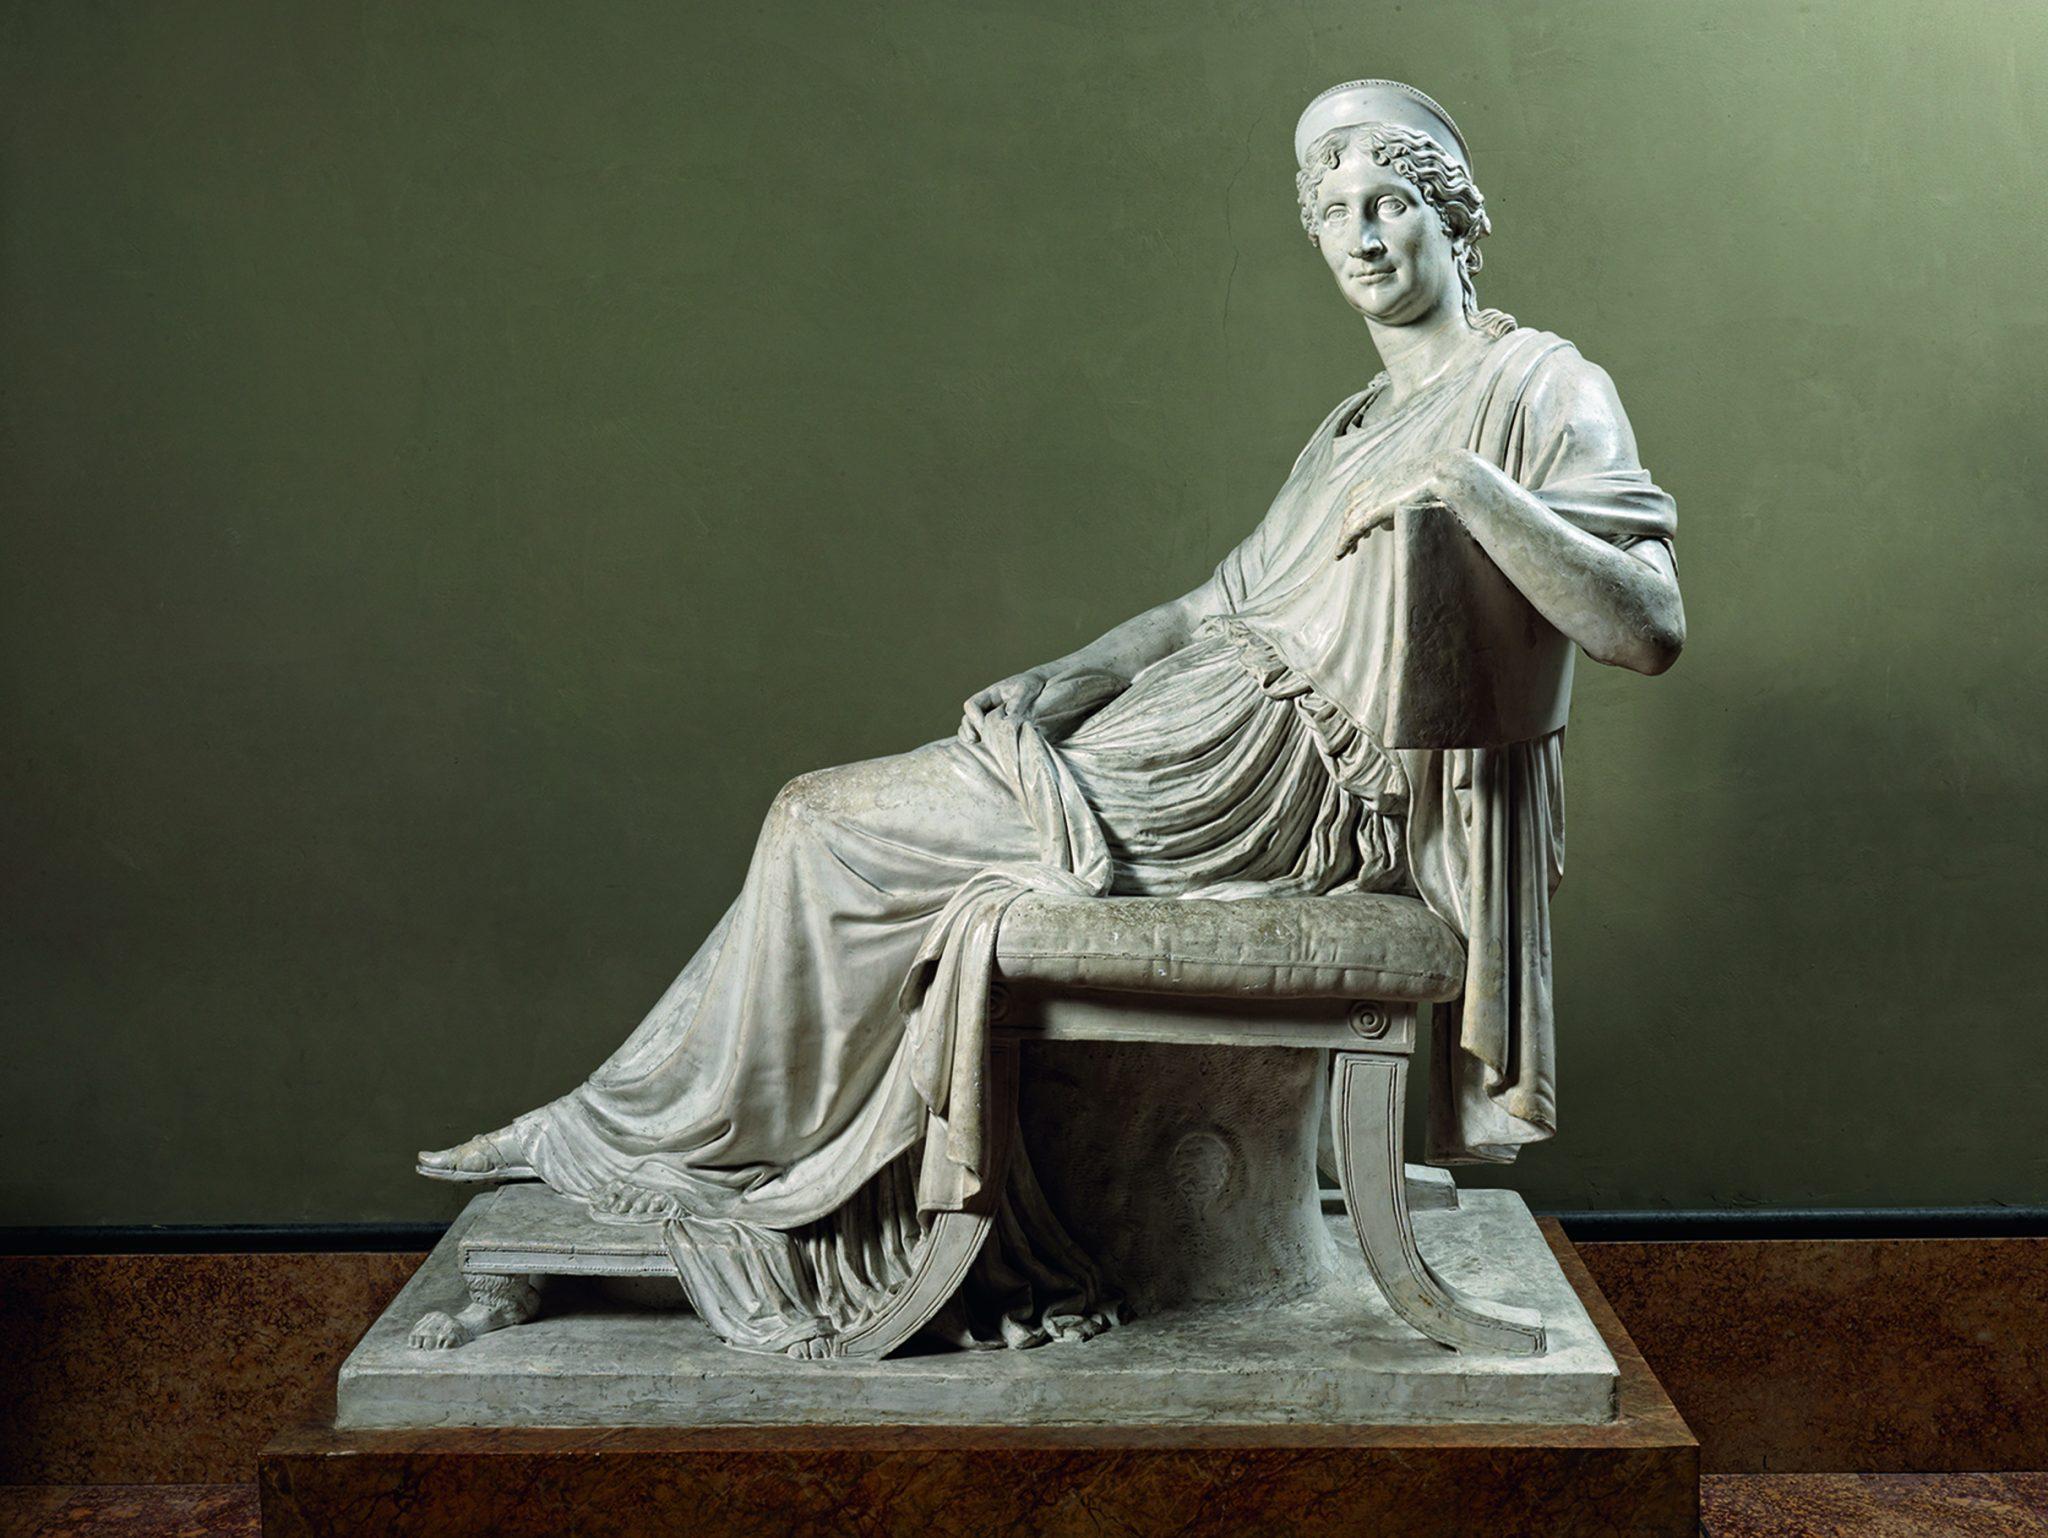 Carta Bianca. Capodimonte Imaginaire, Museo e Real Bosco di Capodimonte, 12 dicembre 2017 – 17 giugno 2018